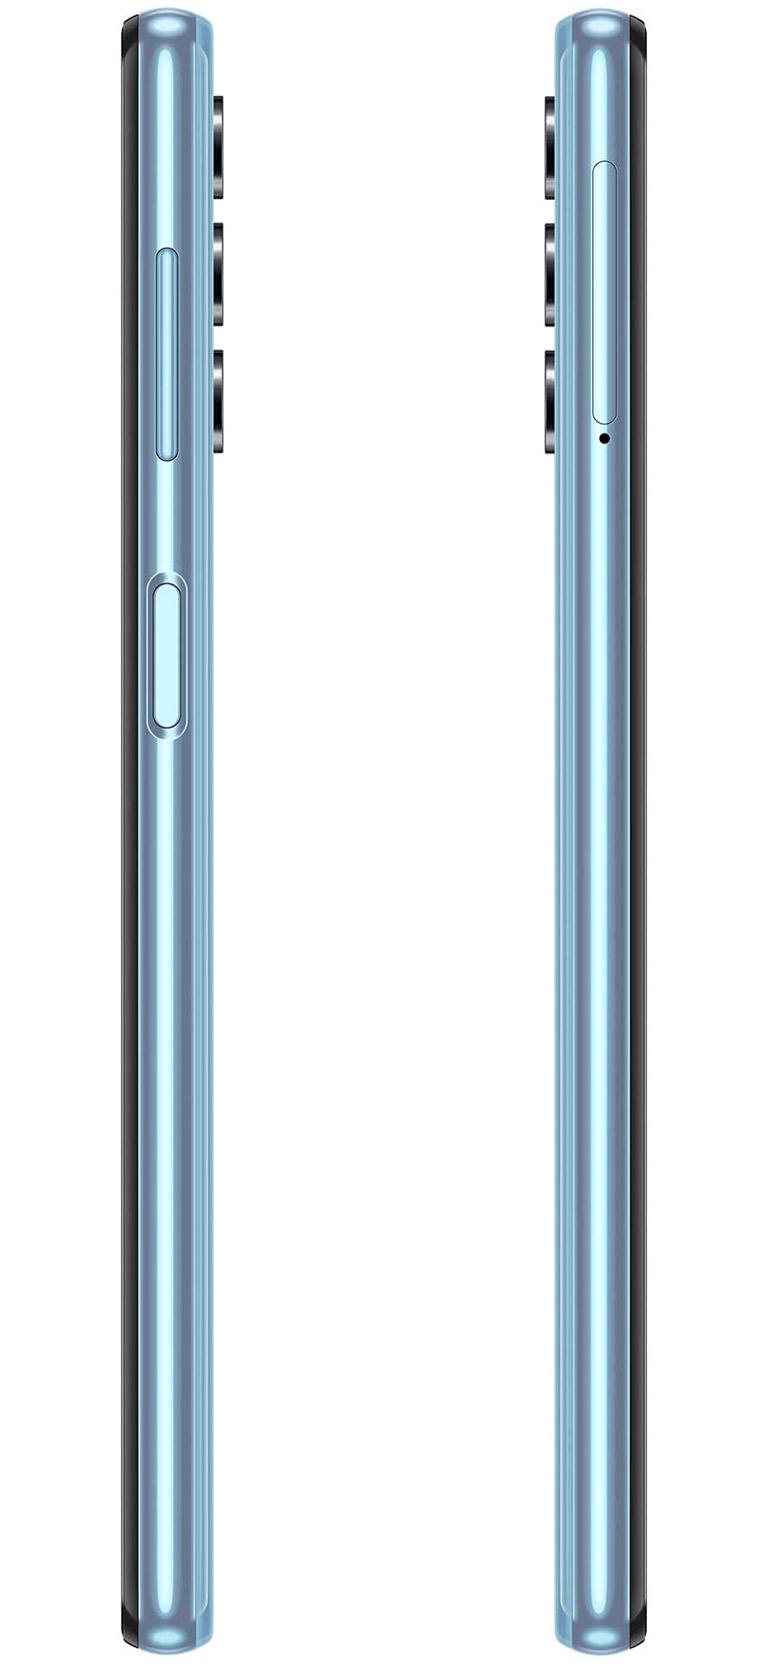 Samsung Galaxy A32 DS (SM-A325) 128GB Blue - 5